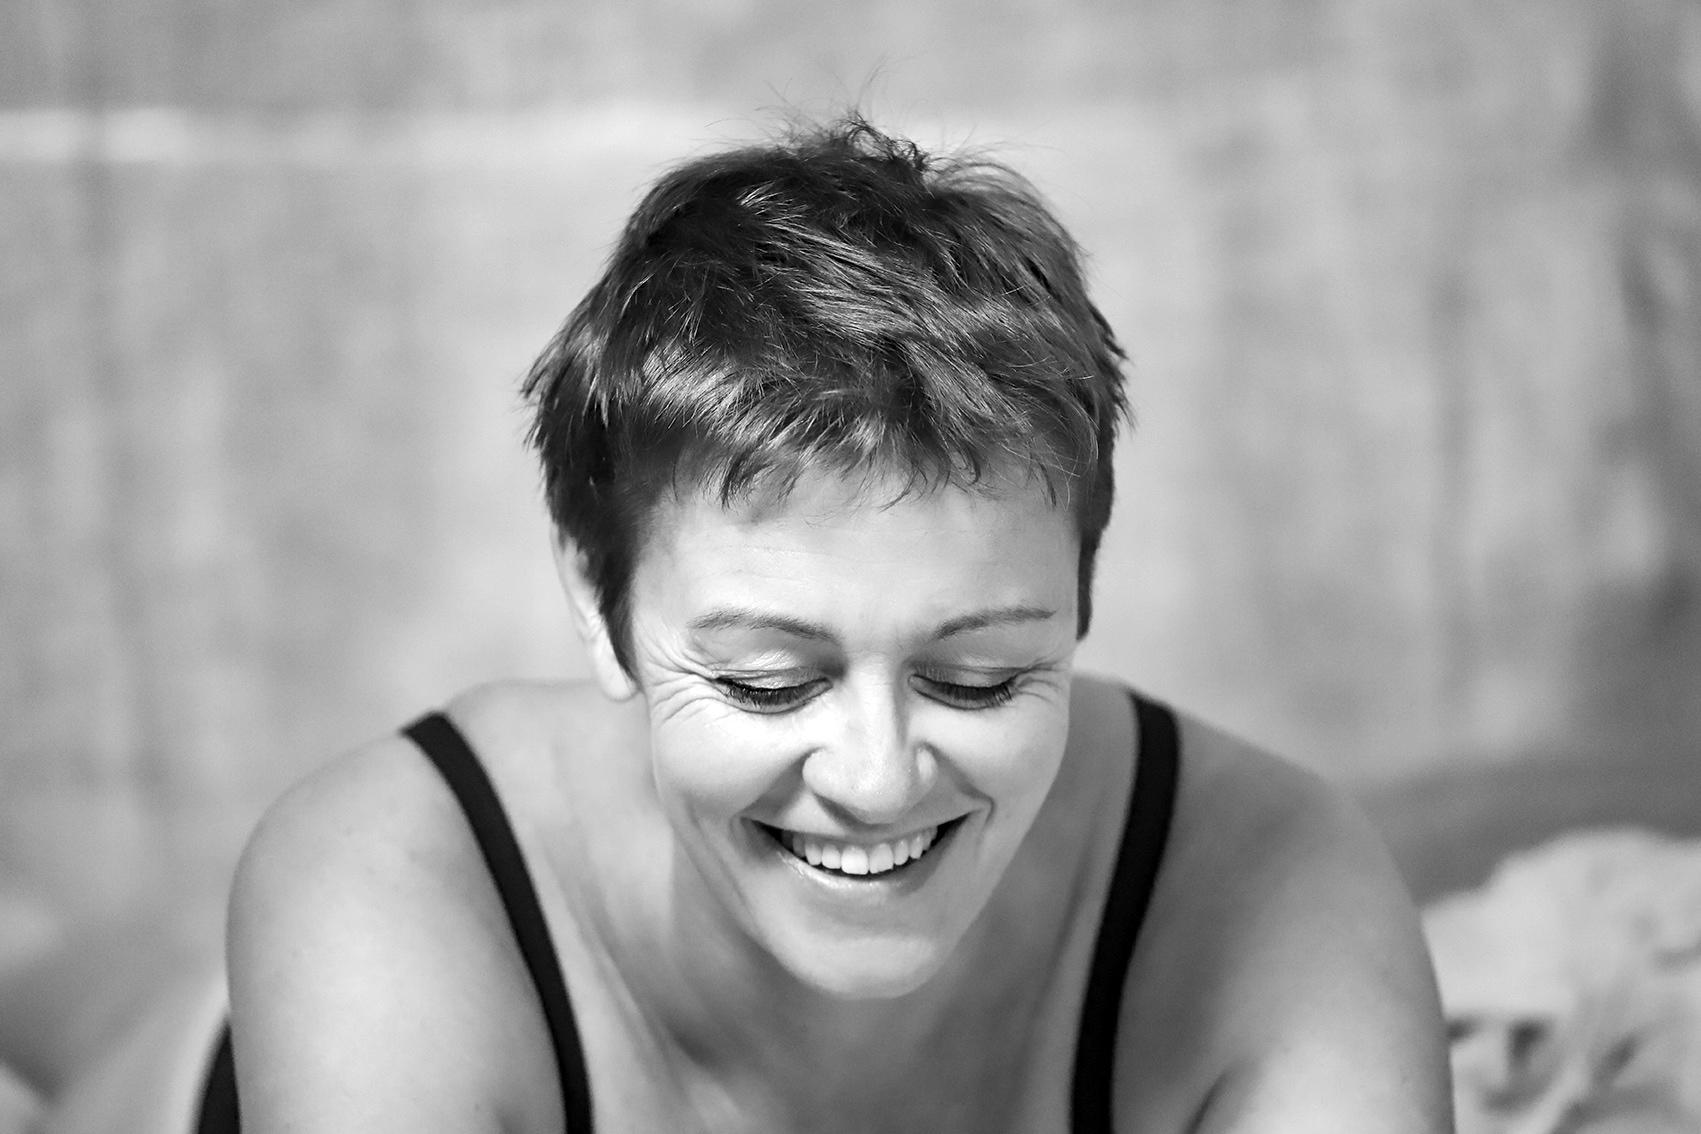 séance photo à langon en noir et blanc par un photographe pro photographe en Gironde et ailleurs